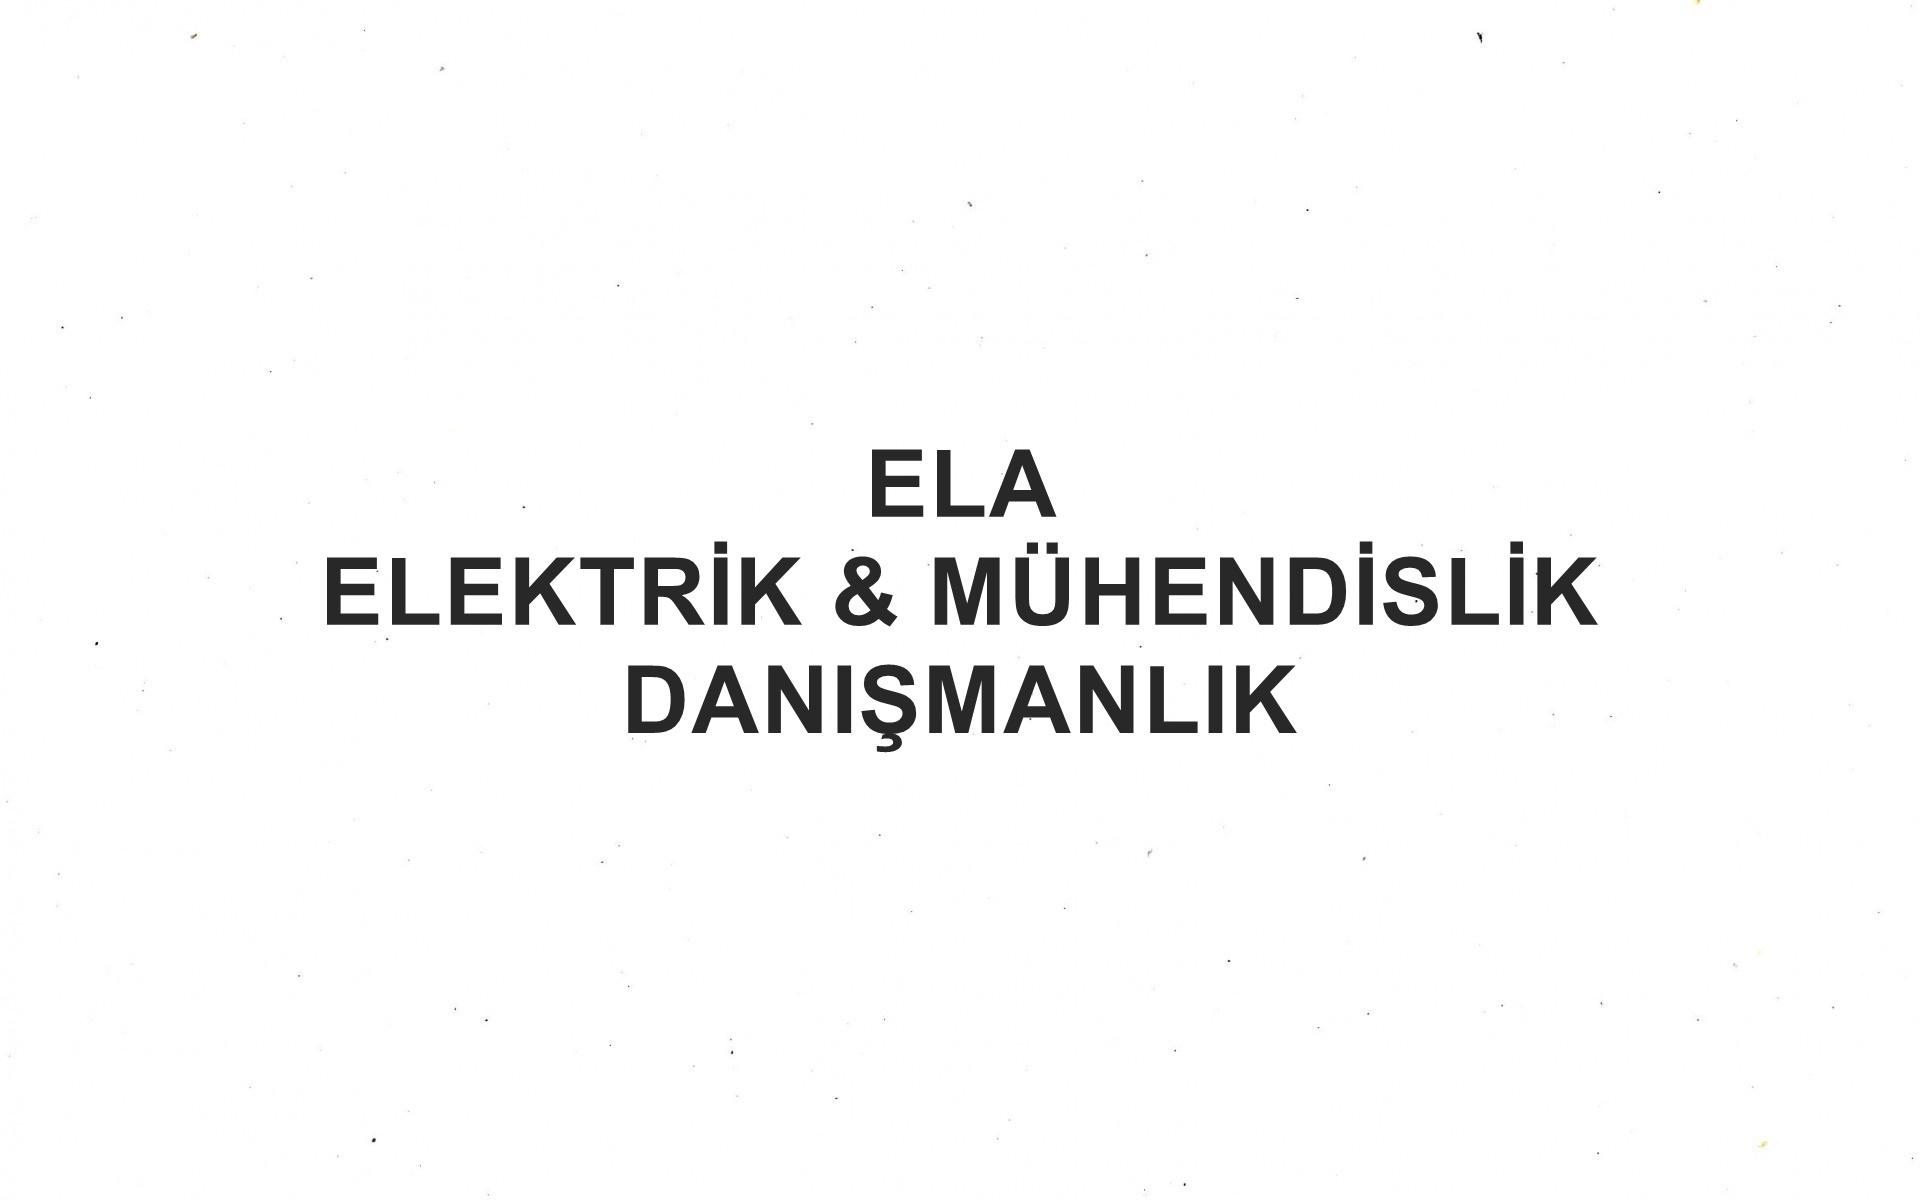 Ela Elektrik & Mühendislik Danışmanlık